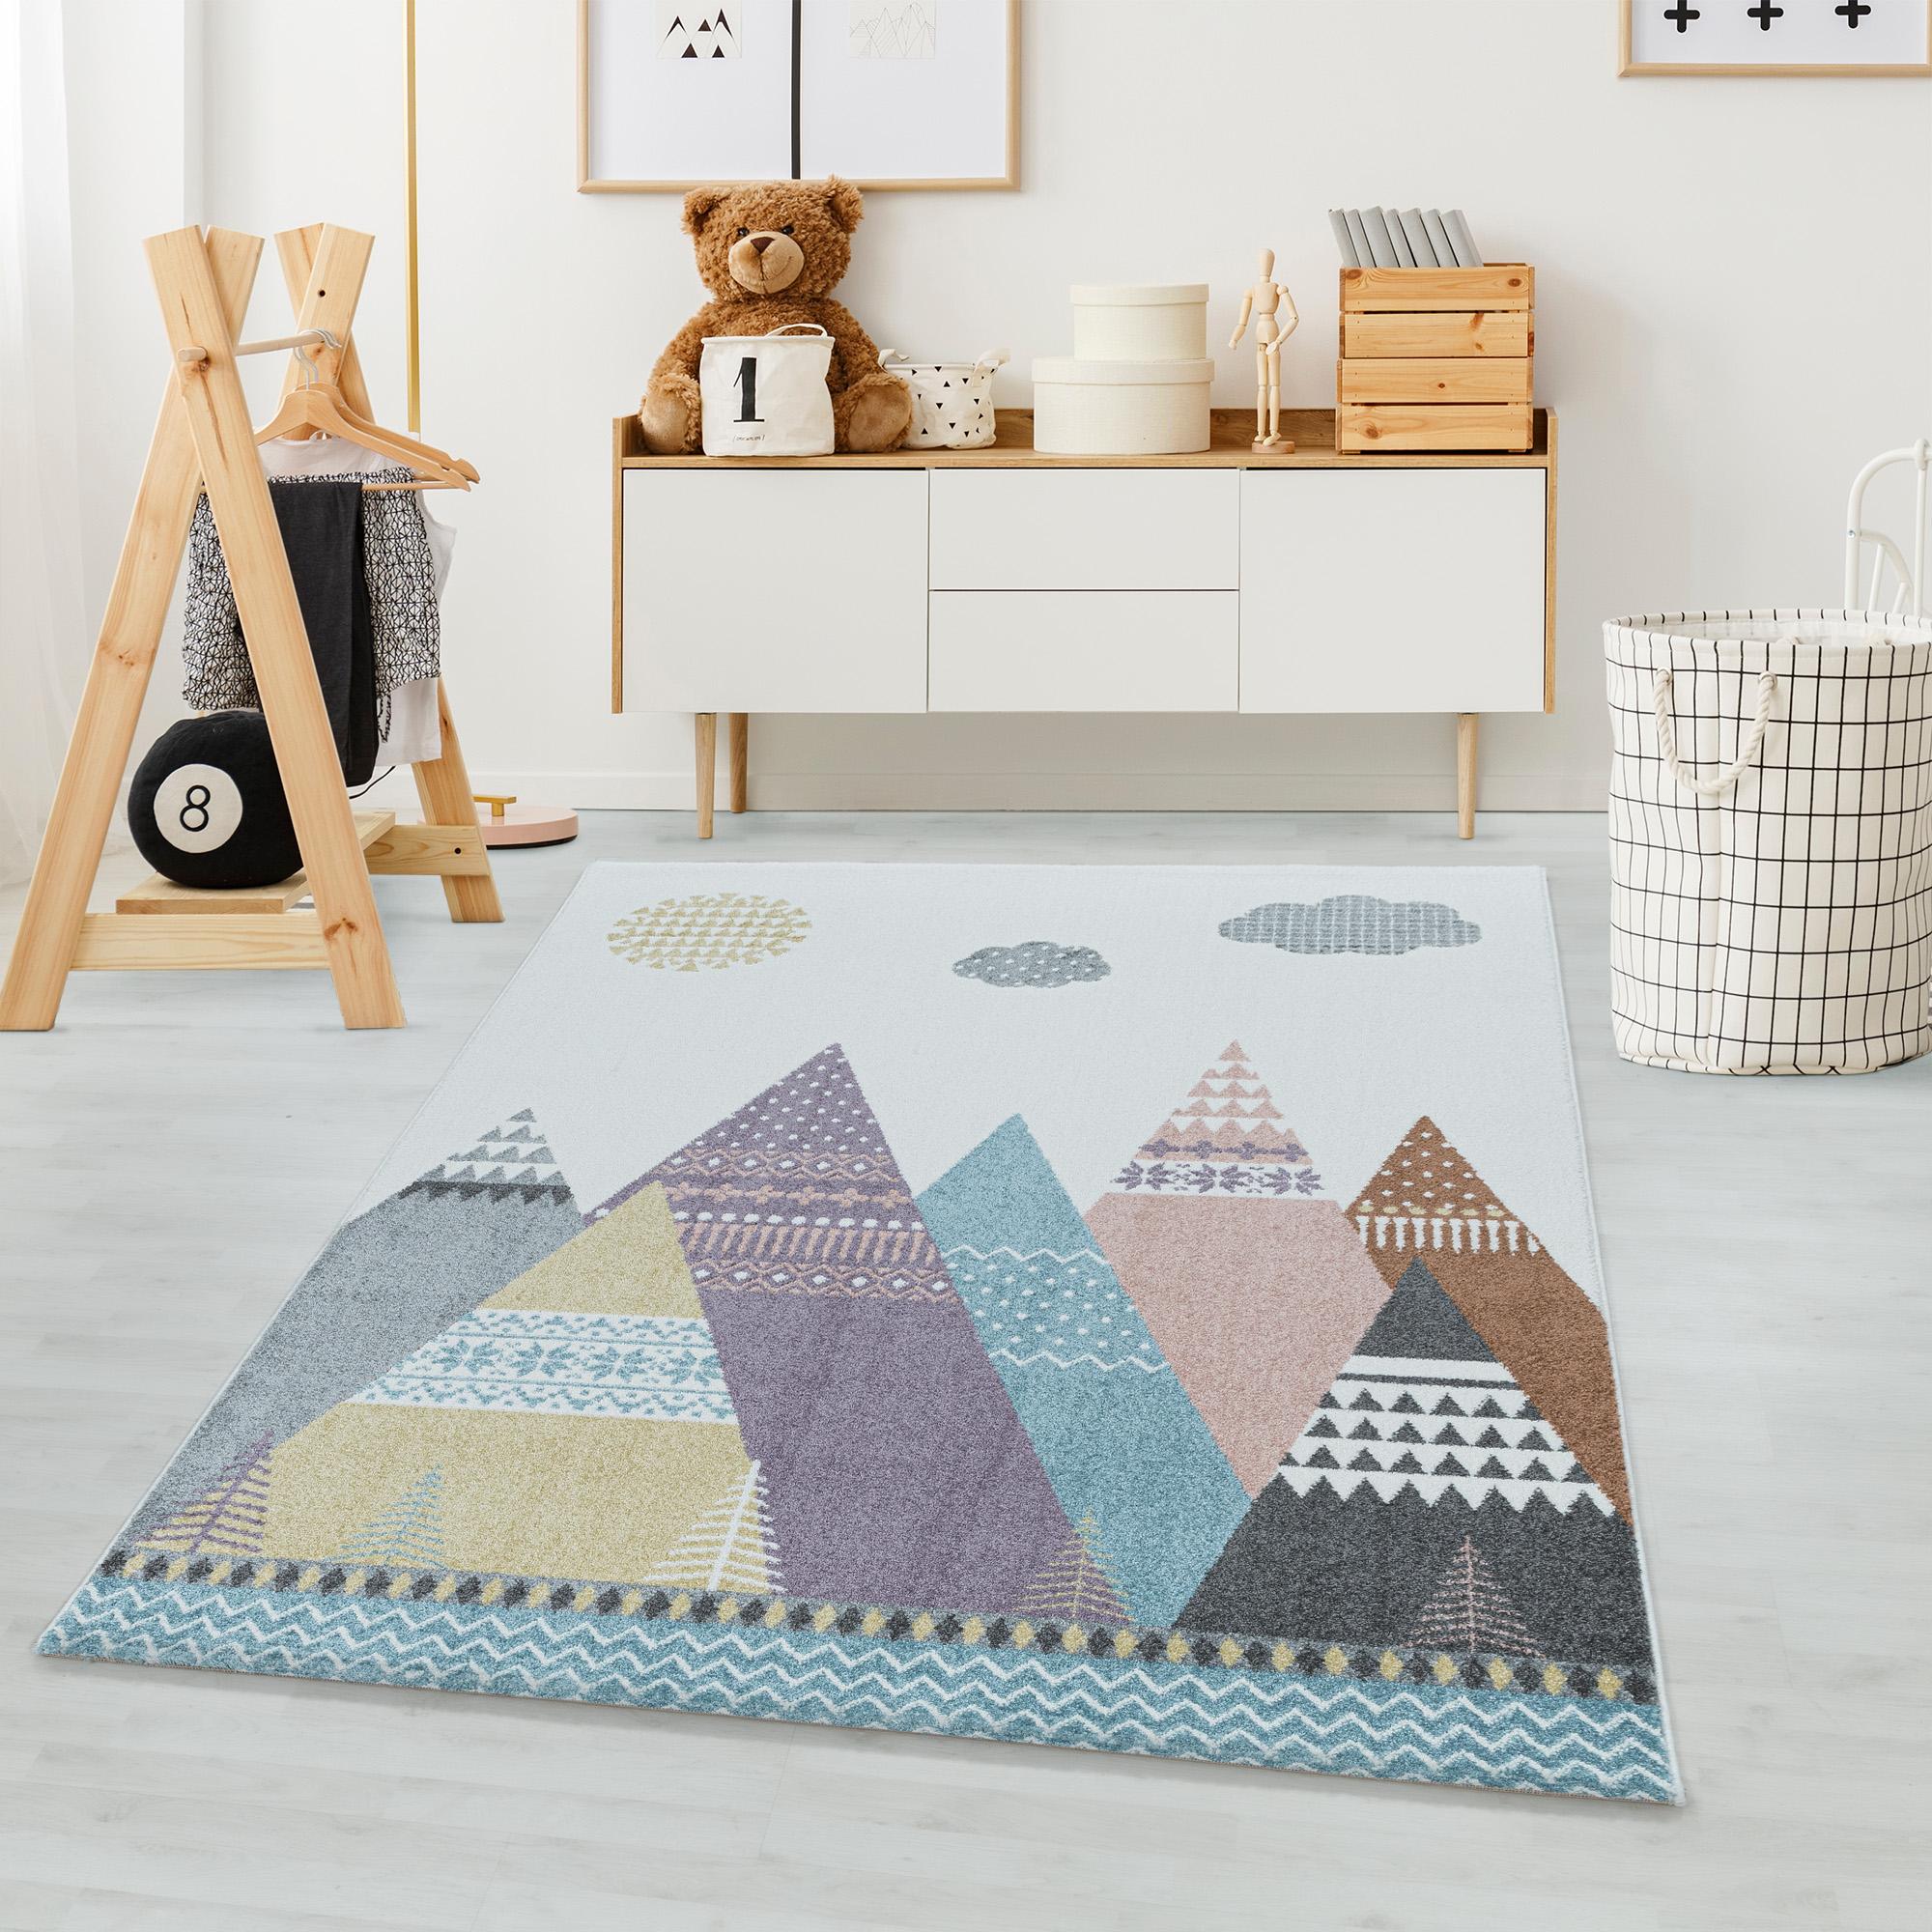 Kinderteppiche & Baby Teppiche